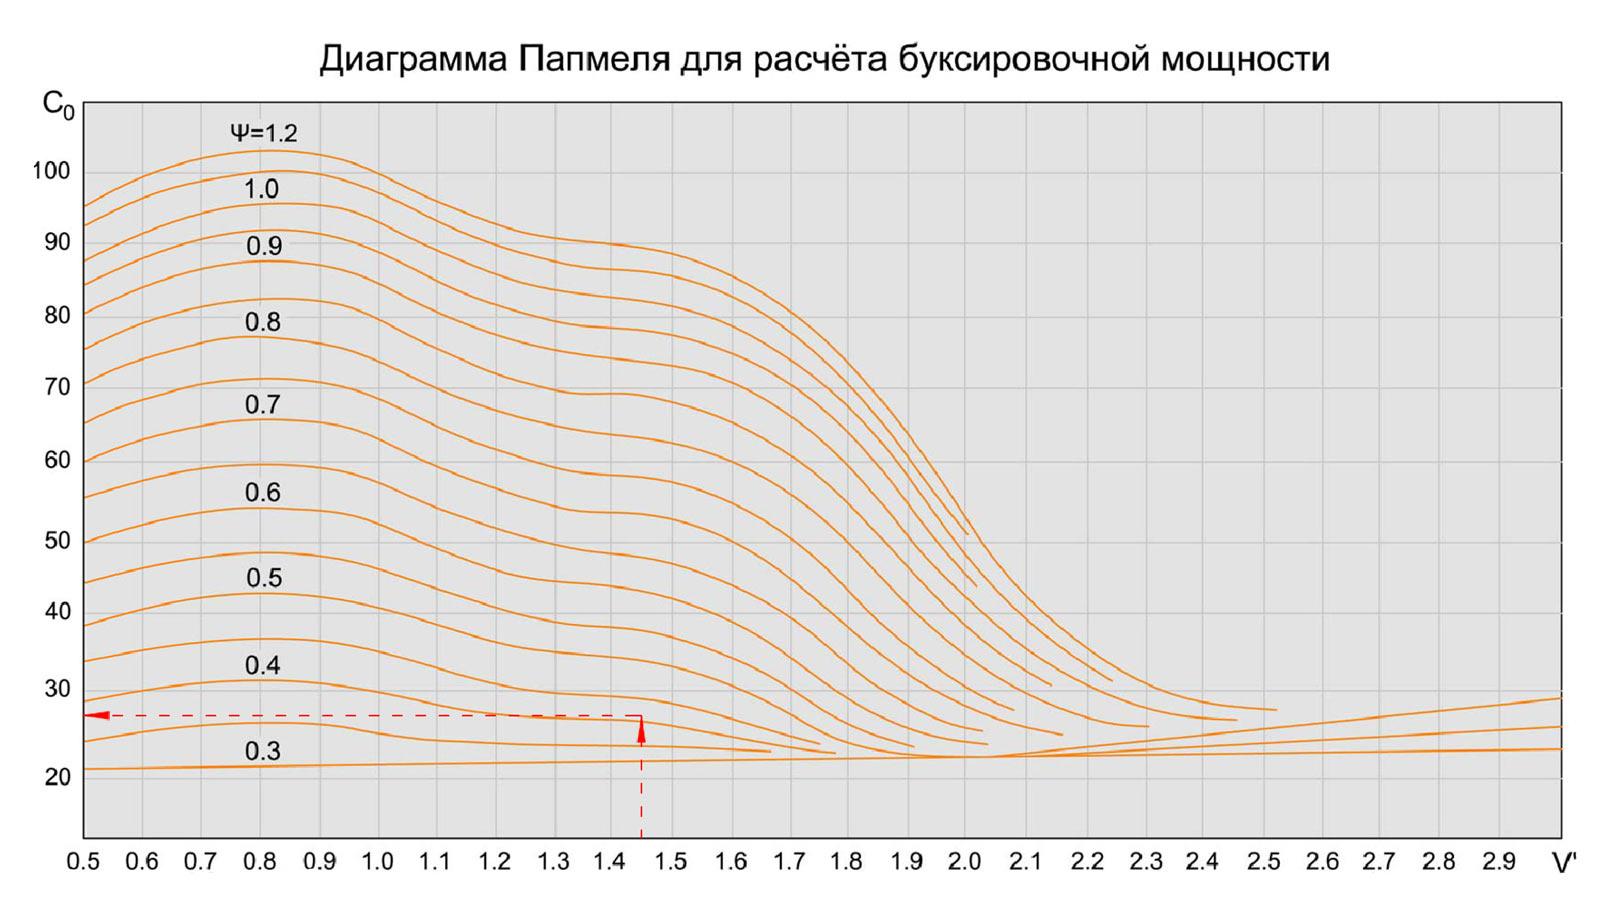 %d0%b4%d0%b8%d0%b0%d0%b3%d1%80%d0%b0%d0%bc%d0%bc%d0%b0-%d0%bf%d0%b0%d0%bf%d0%bc%d0%b5%d0%bb%d1%8f